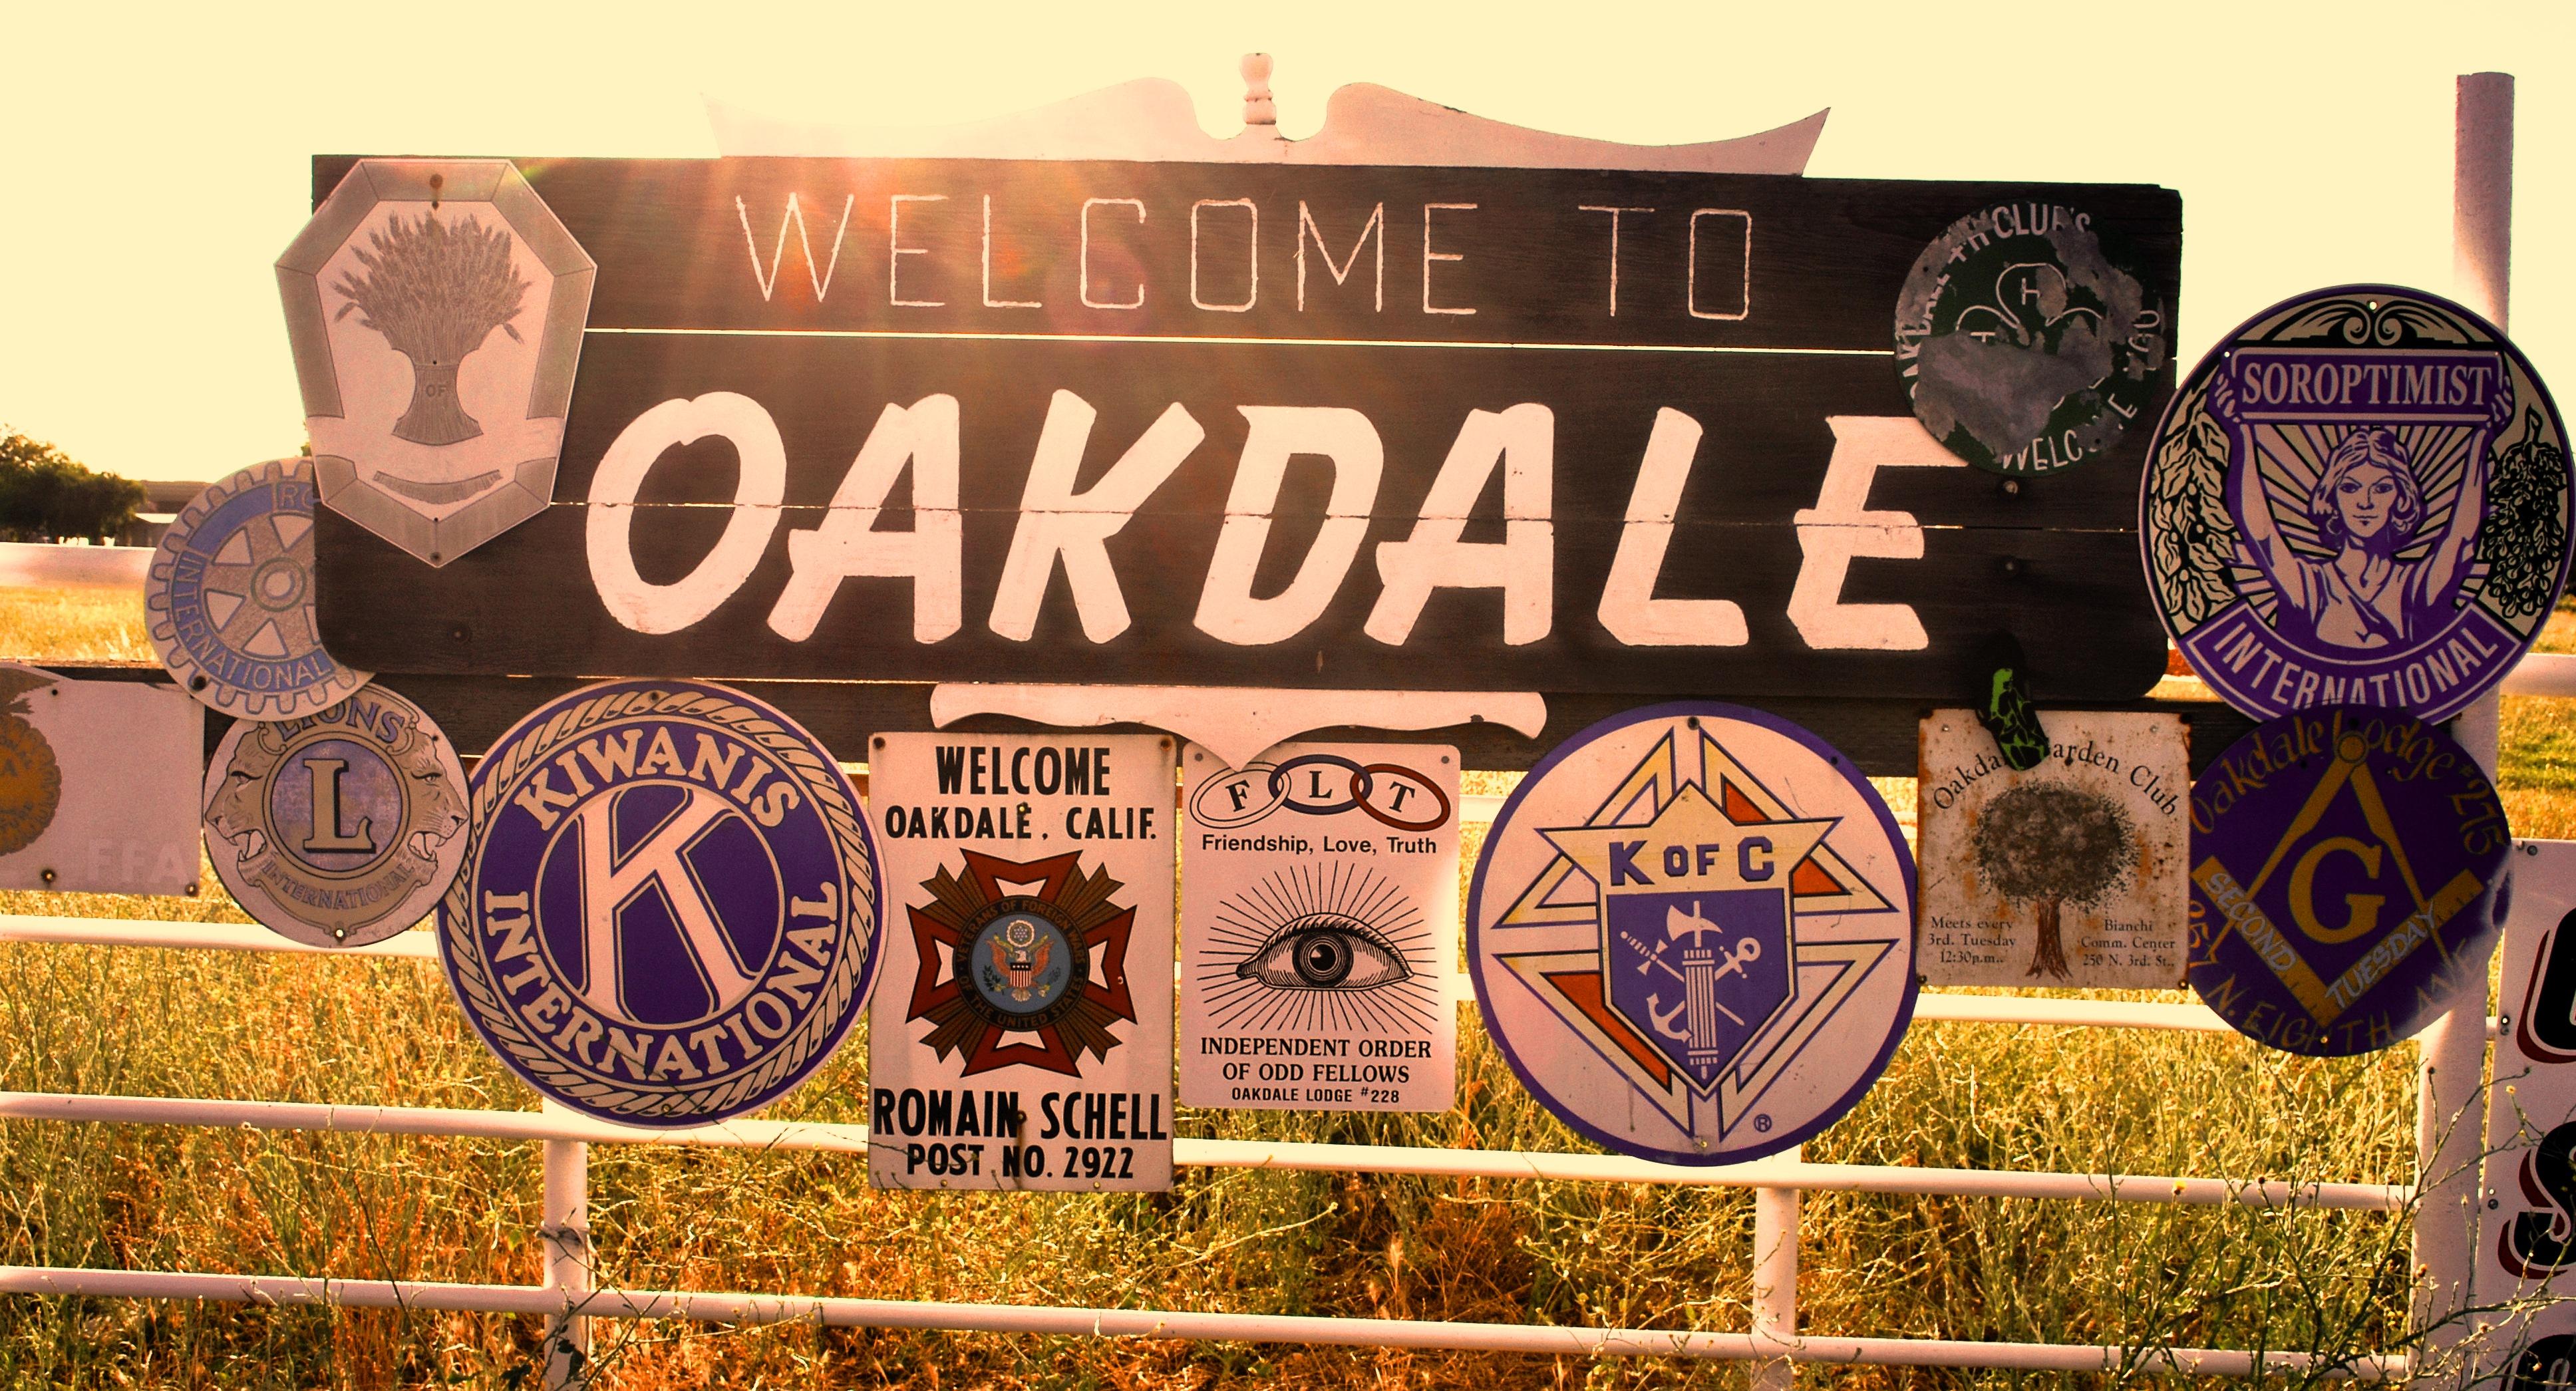 City of Oakdale, CA